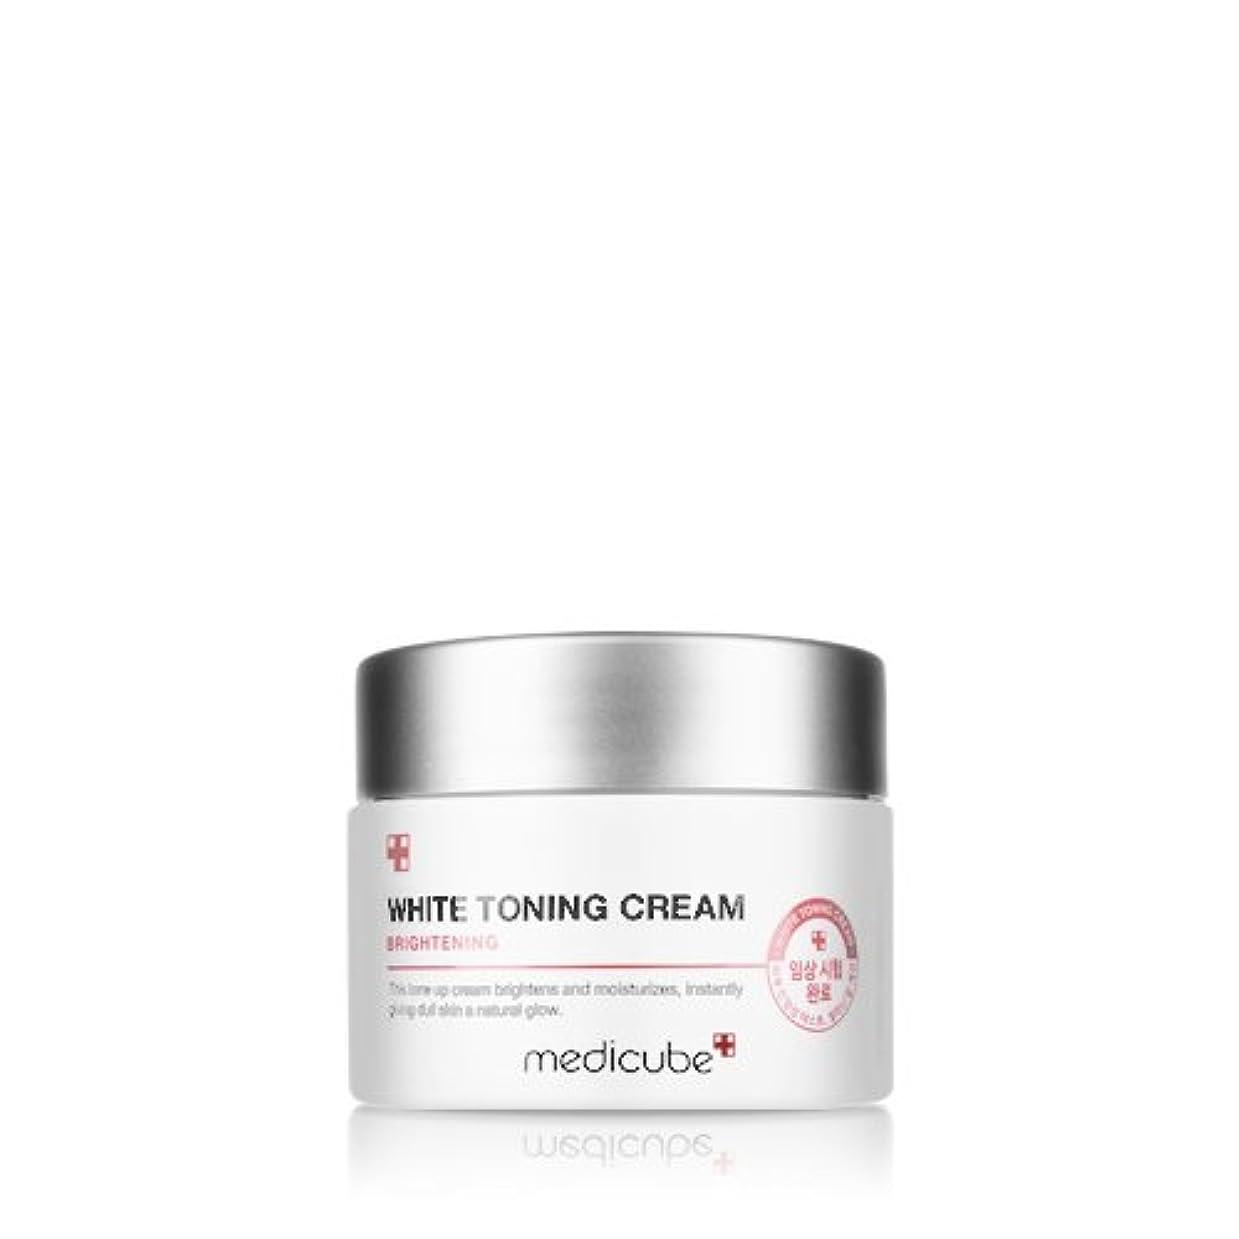 賞賛するサイクロプスおとこ[Medicube] WHITE TONING CREAM / メディキューブ ホワイトトーニングクリーム / 正品?海外直送商品